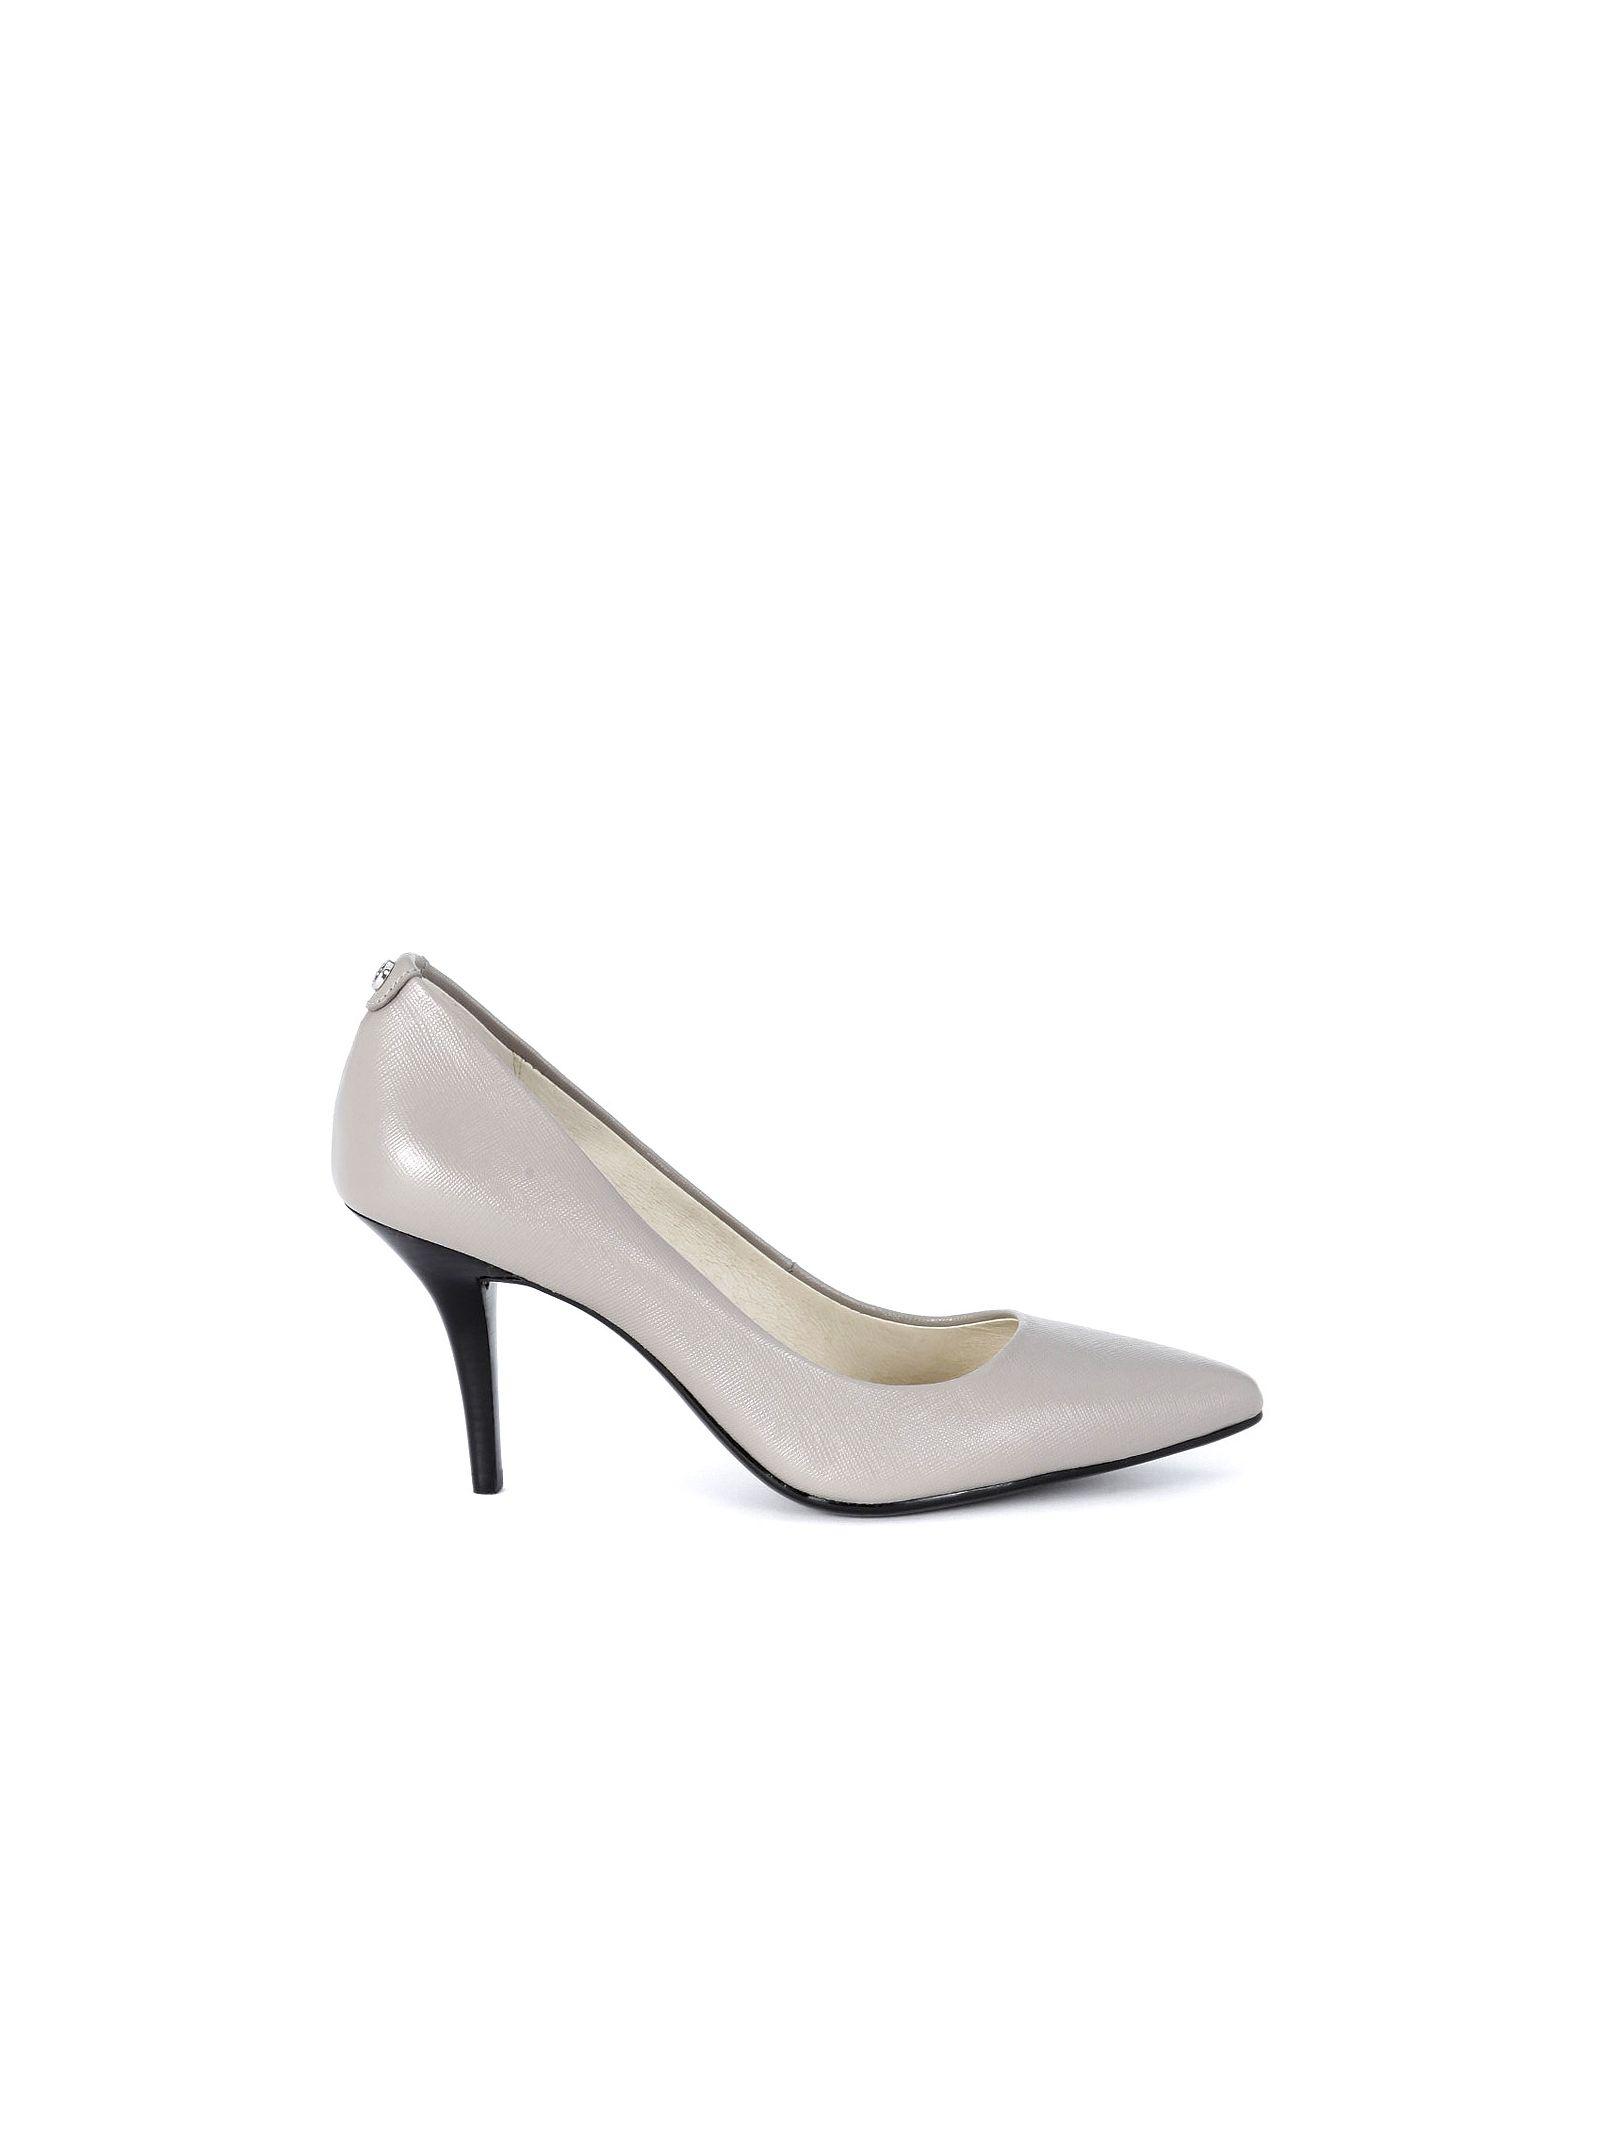 Pantofi de damă MICHAEL KORS Tumbled